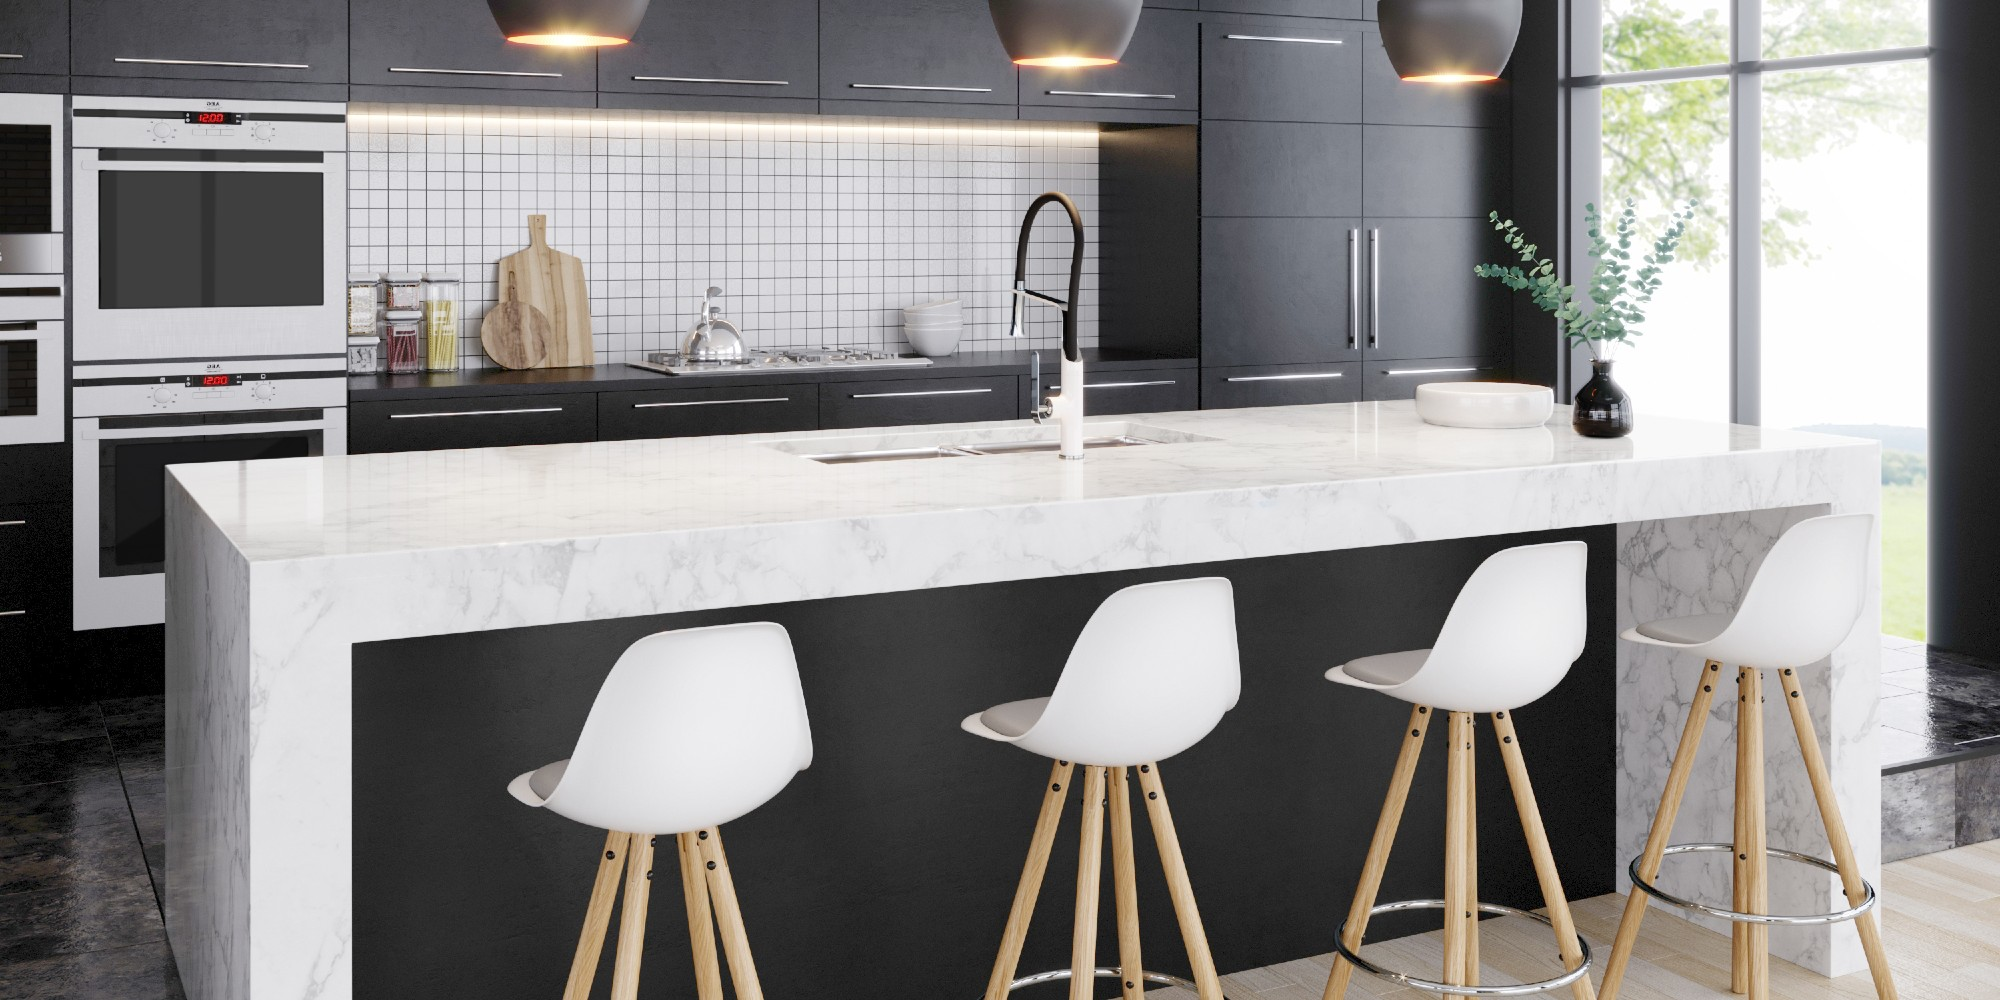 Frederick York Matte Black Kitchen Faucet